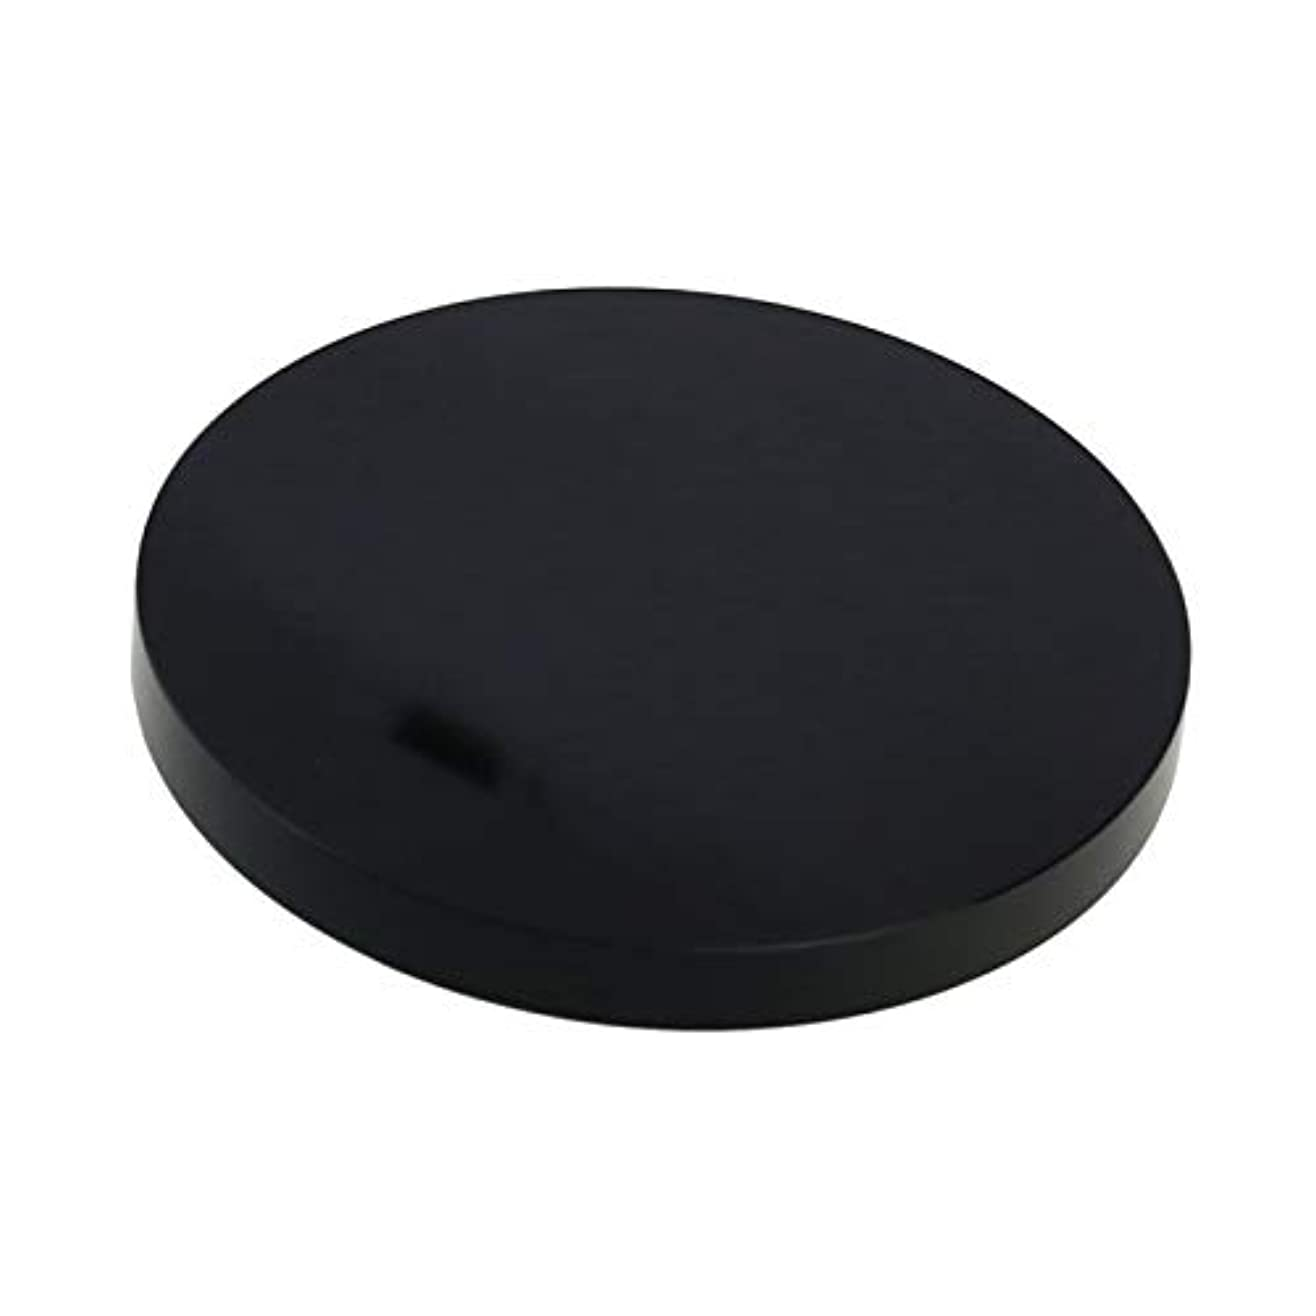 素朴なフェリー腹部Vranky 4.7 インチ 12cm 黒曜石 スクライング ミラー アルケミー/ヨガ エネルギー